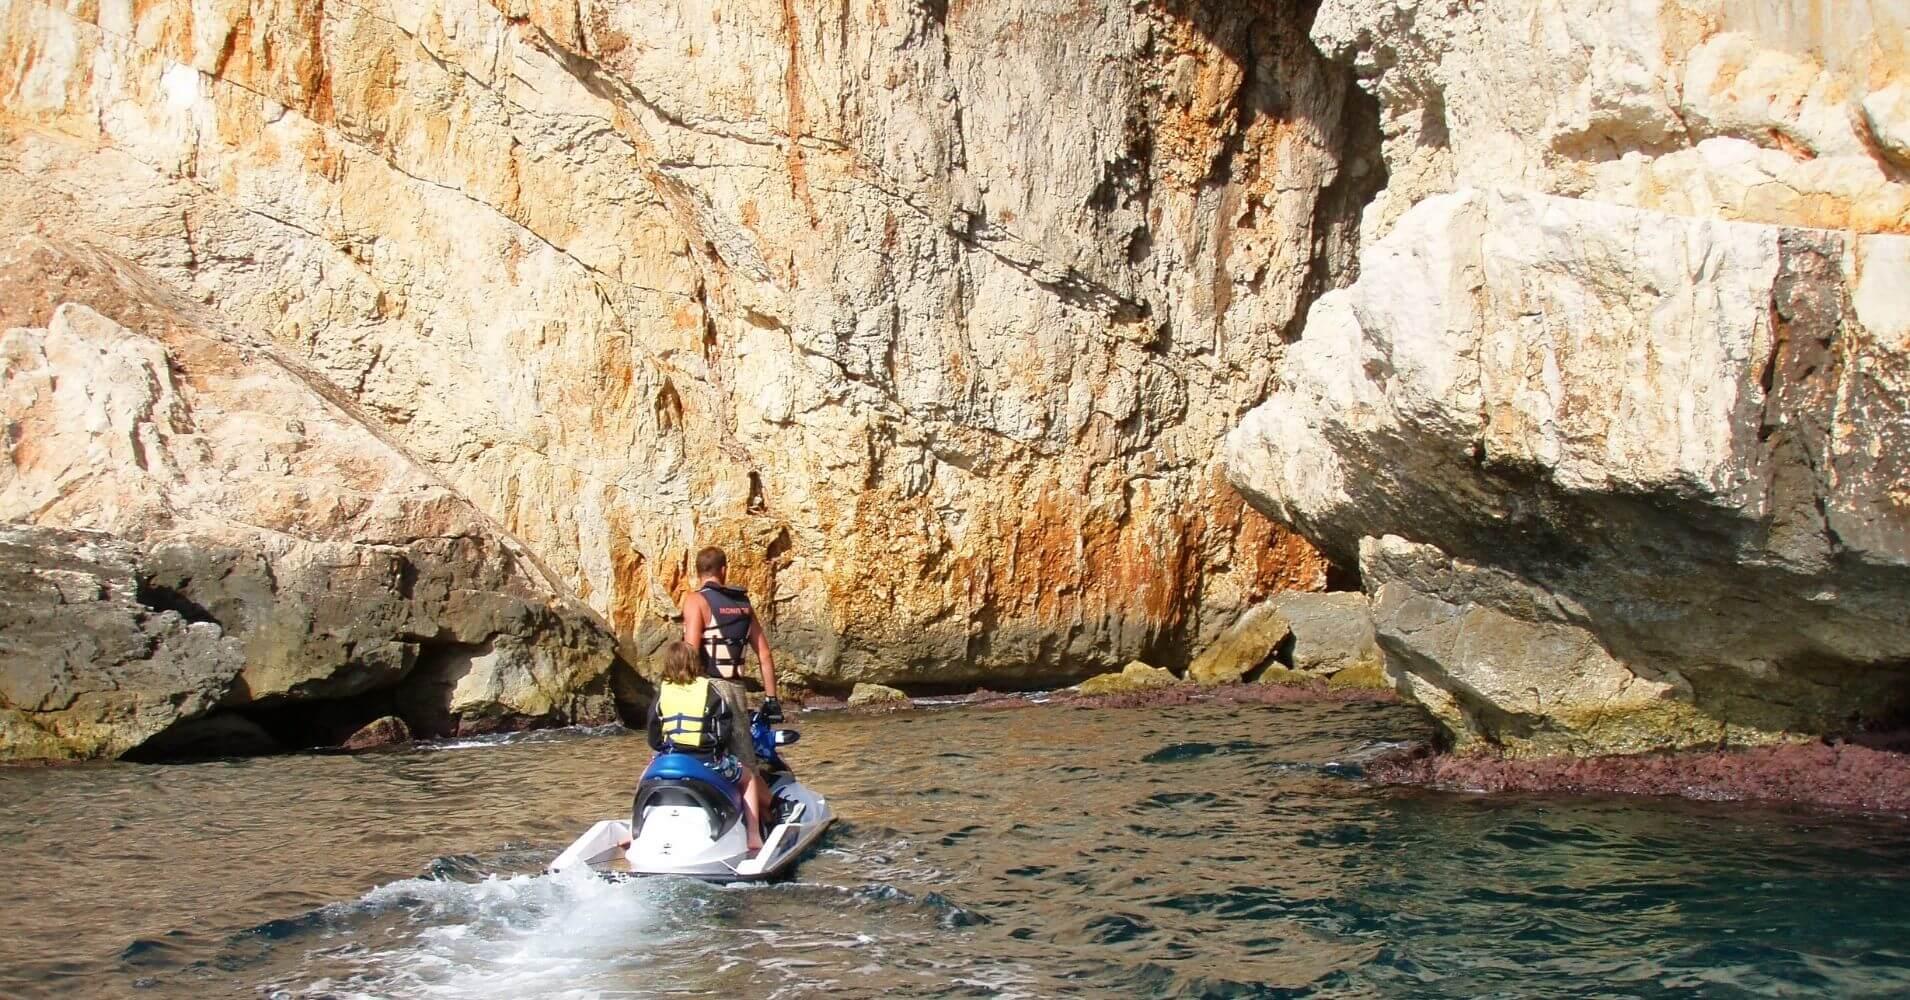 Entrada a la Cueva de los Órganos. Jávea. Alicante, Comunidad Valenciana.